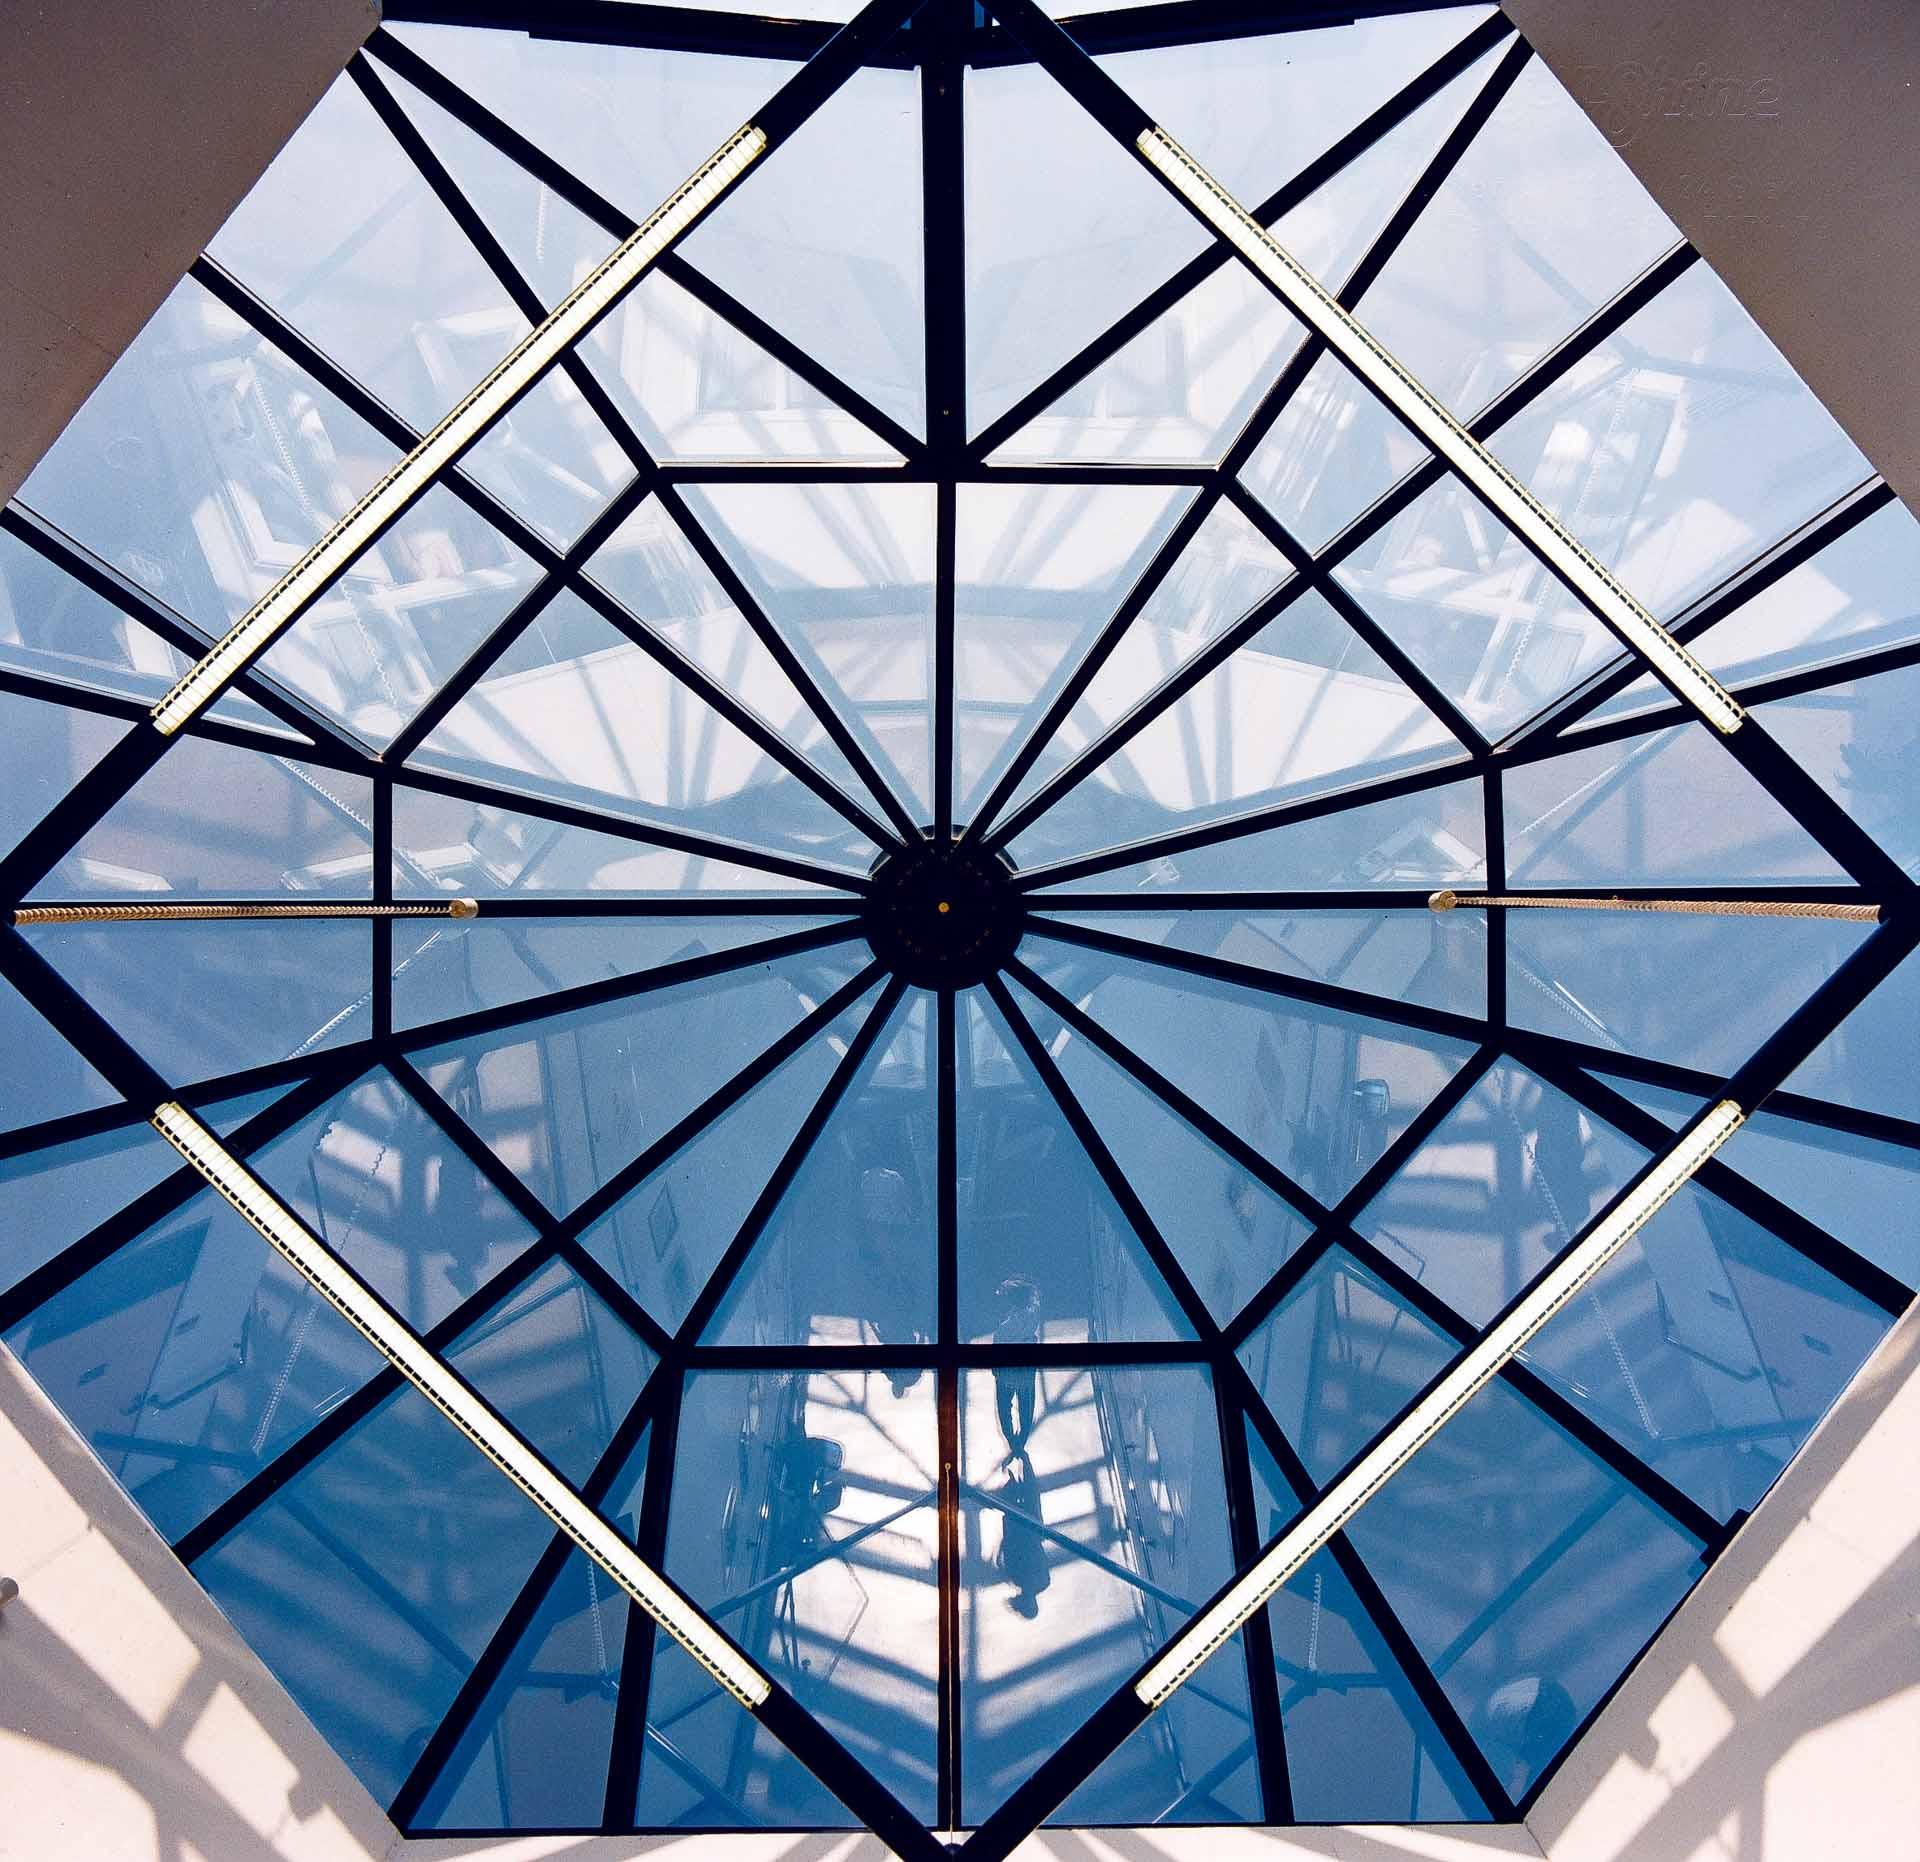 Lichtdach in Bedburg Hau (Objekt 310). Lichtdach in ungewöhnlicher Raupenform aus Aluminium-Schweißtechnik